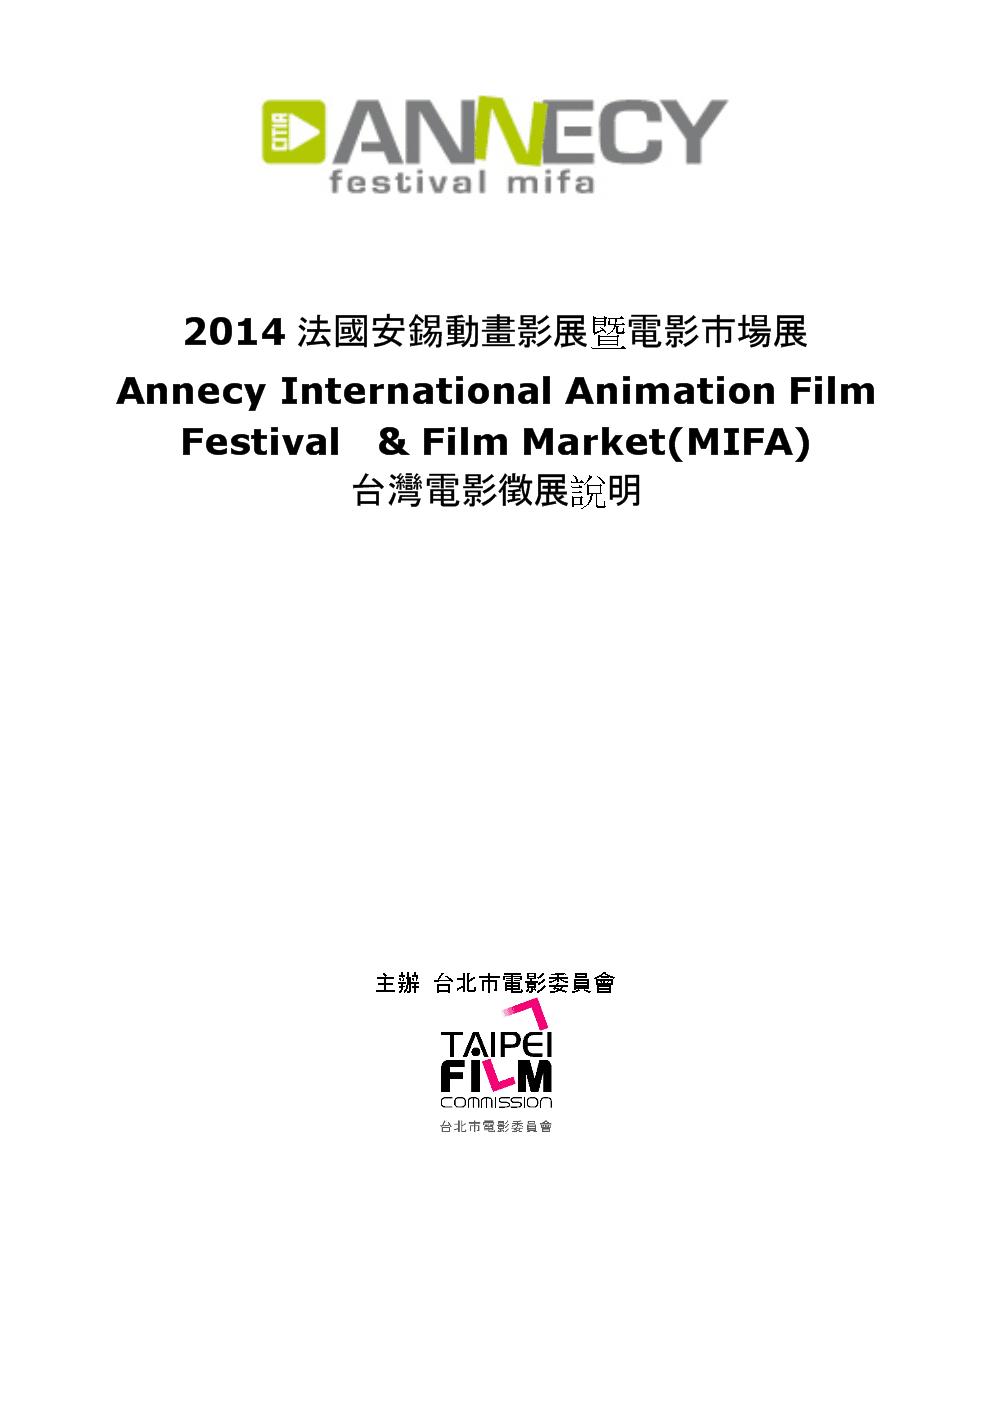 2014法国安锡动画影展暨电影市场展.doc